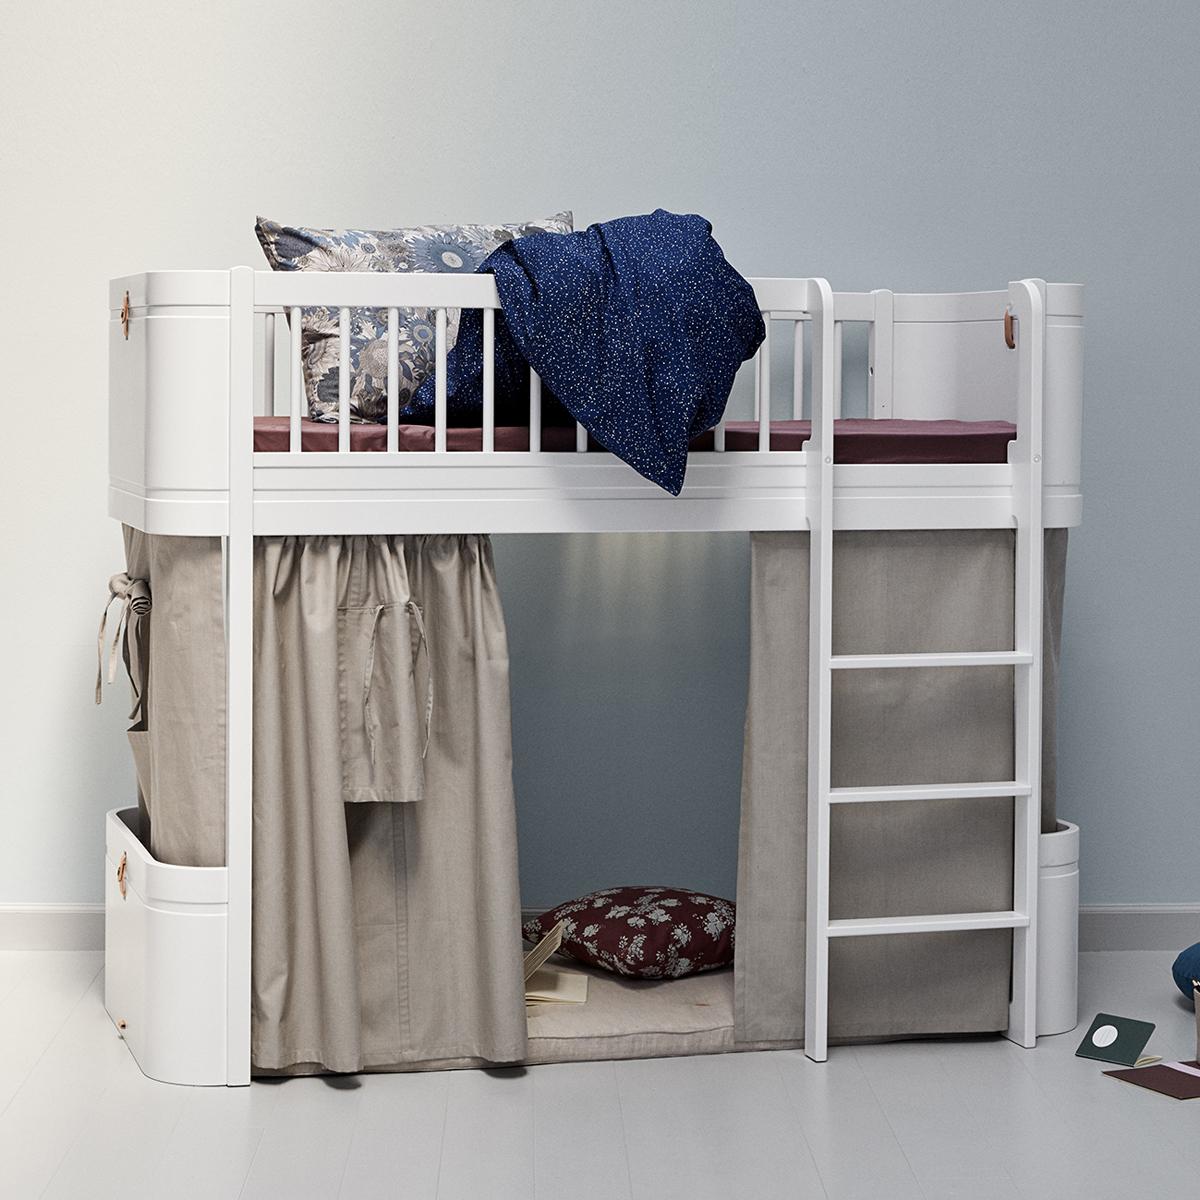 oliver furniture wood mini bett vorhang rosa f r halbhohes hochbett dannenfelser. Black Bedroom Furniture Sets. Home Design Ideas